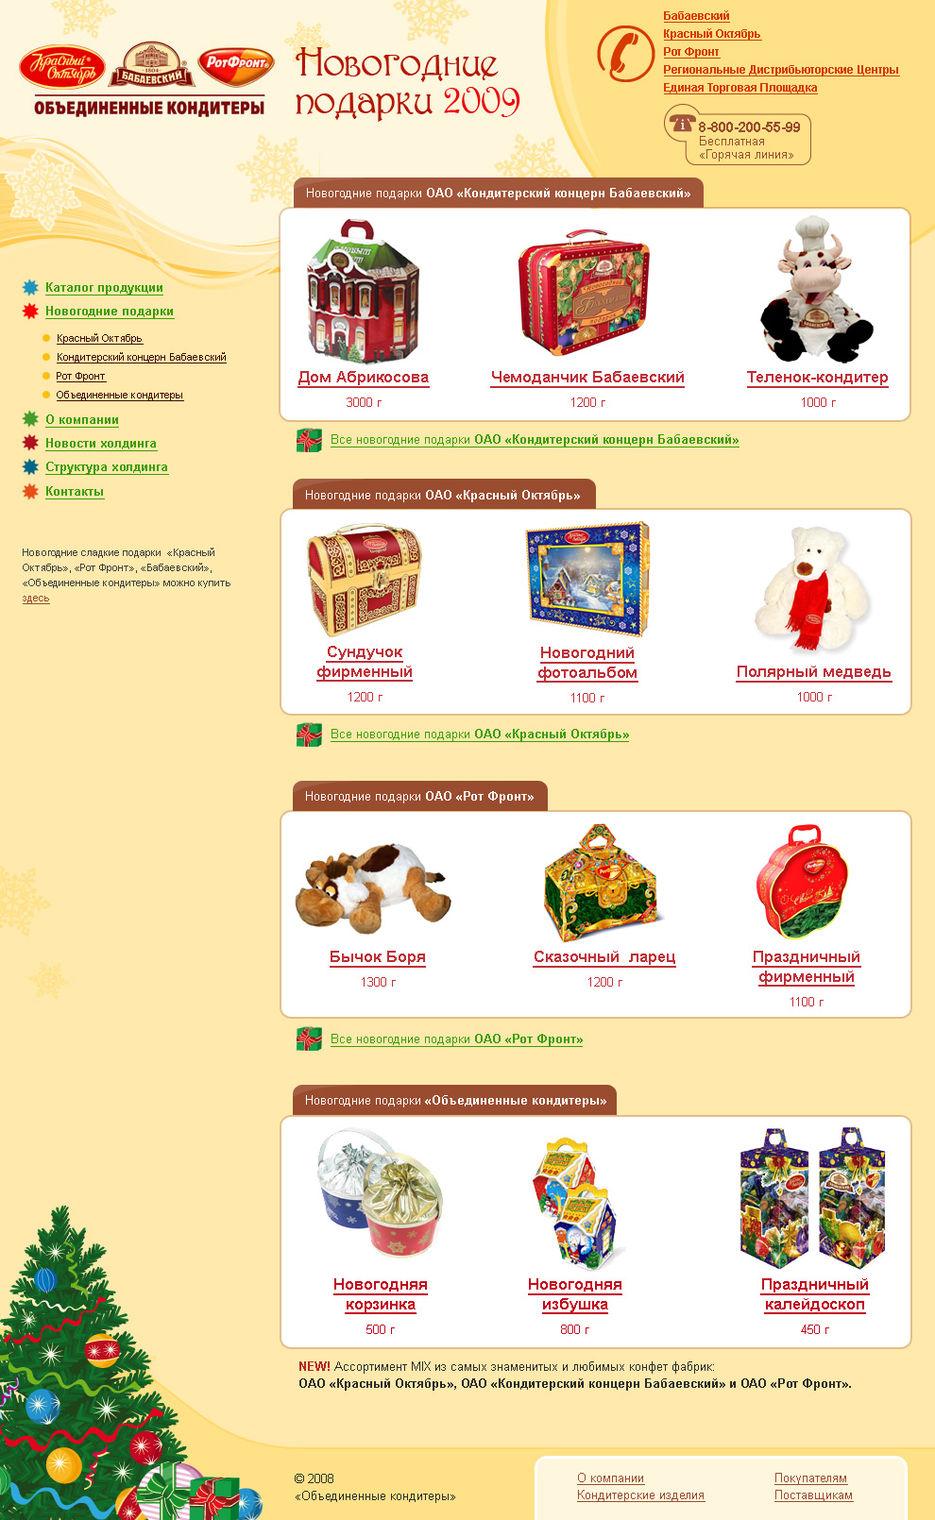 Бабаевская кондитерская фабрика подарки новогодние 32